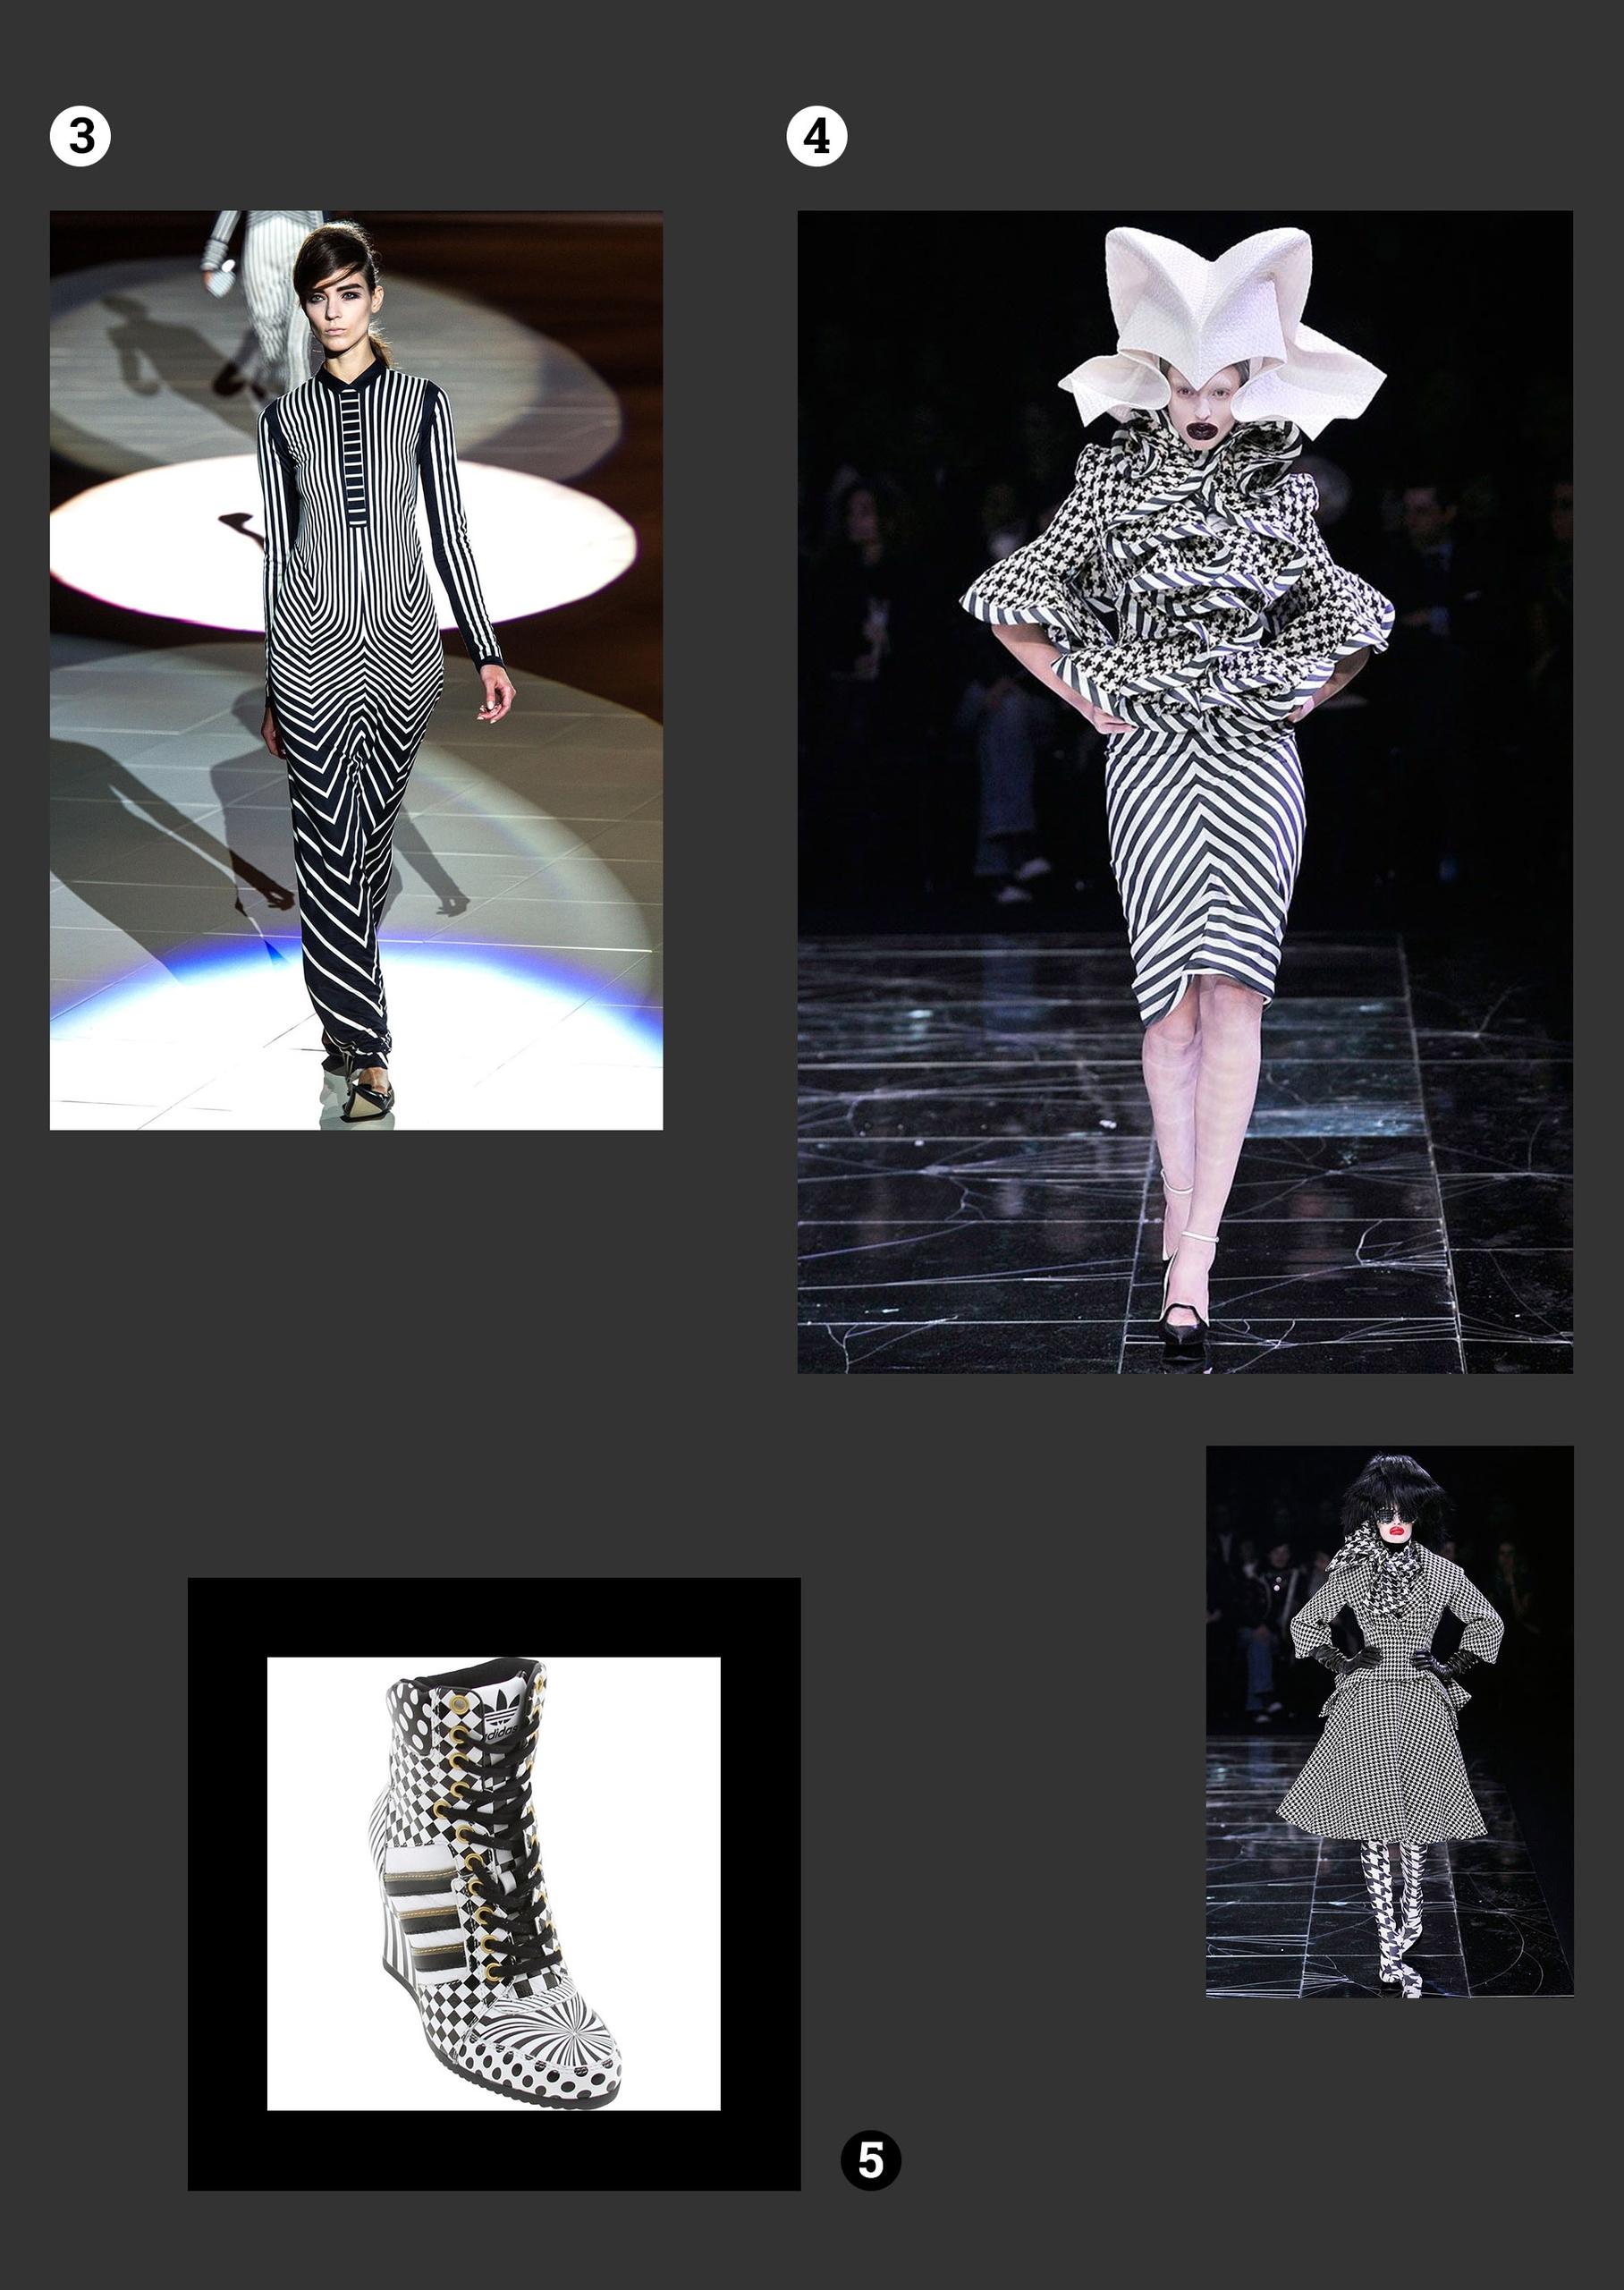 Obraz przedstawia fotografie modelek w czarno-białych kostiumach, sportowe buty. Wszystko na ciemno-szarym tle.